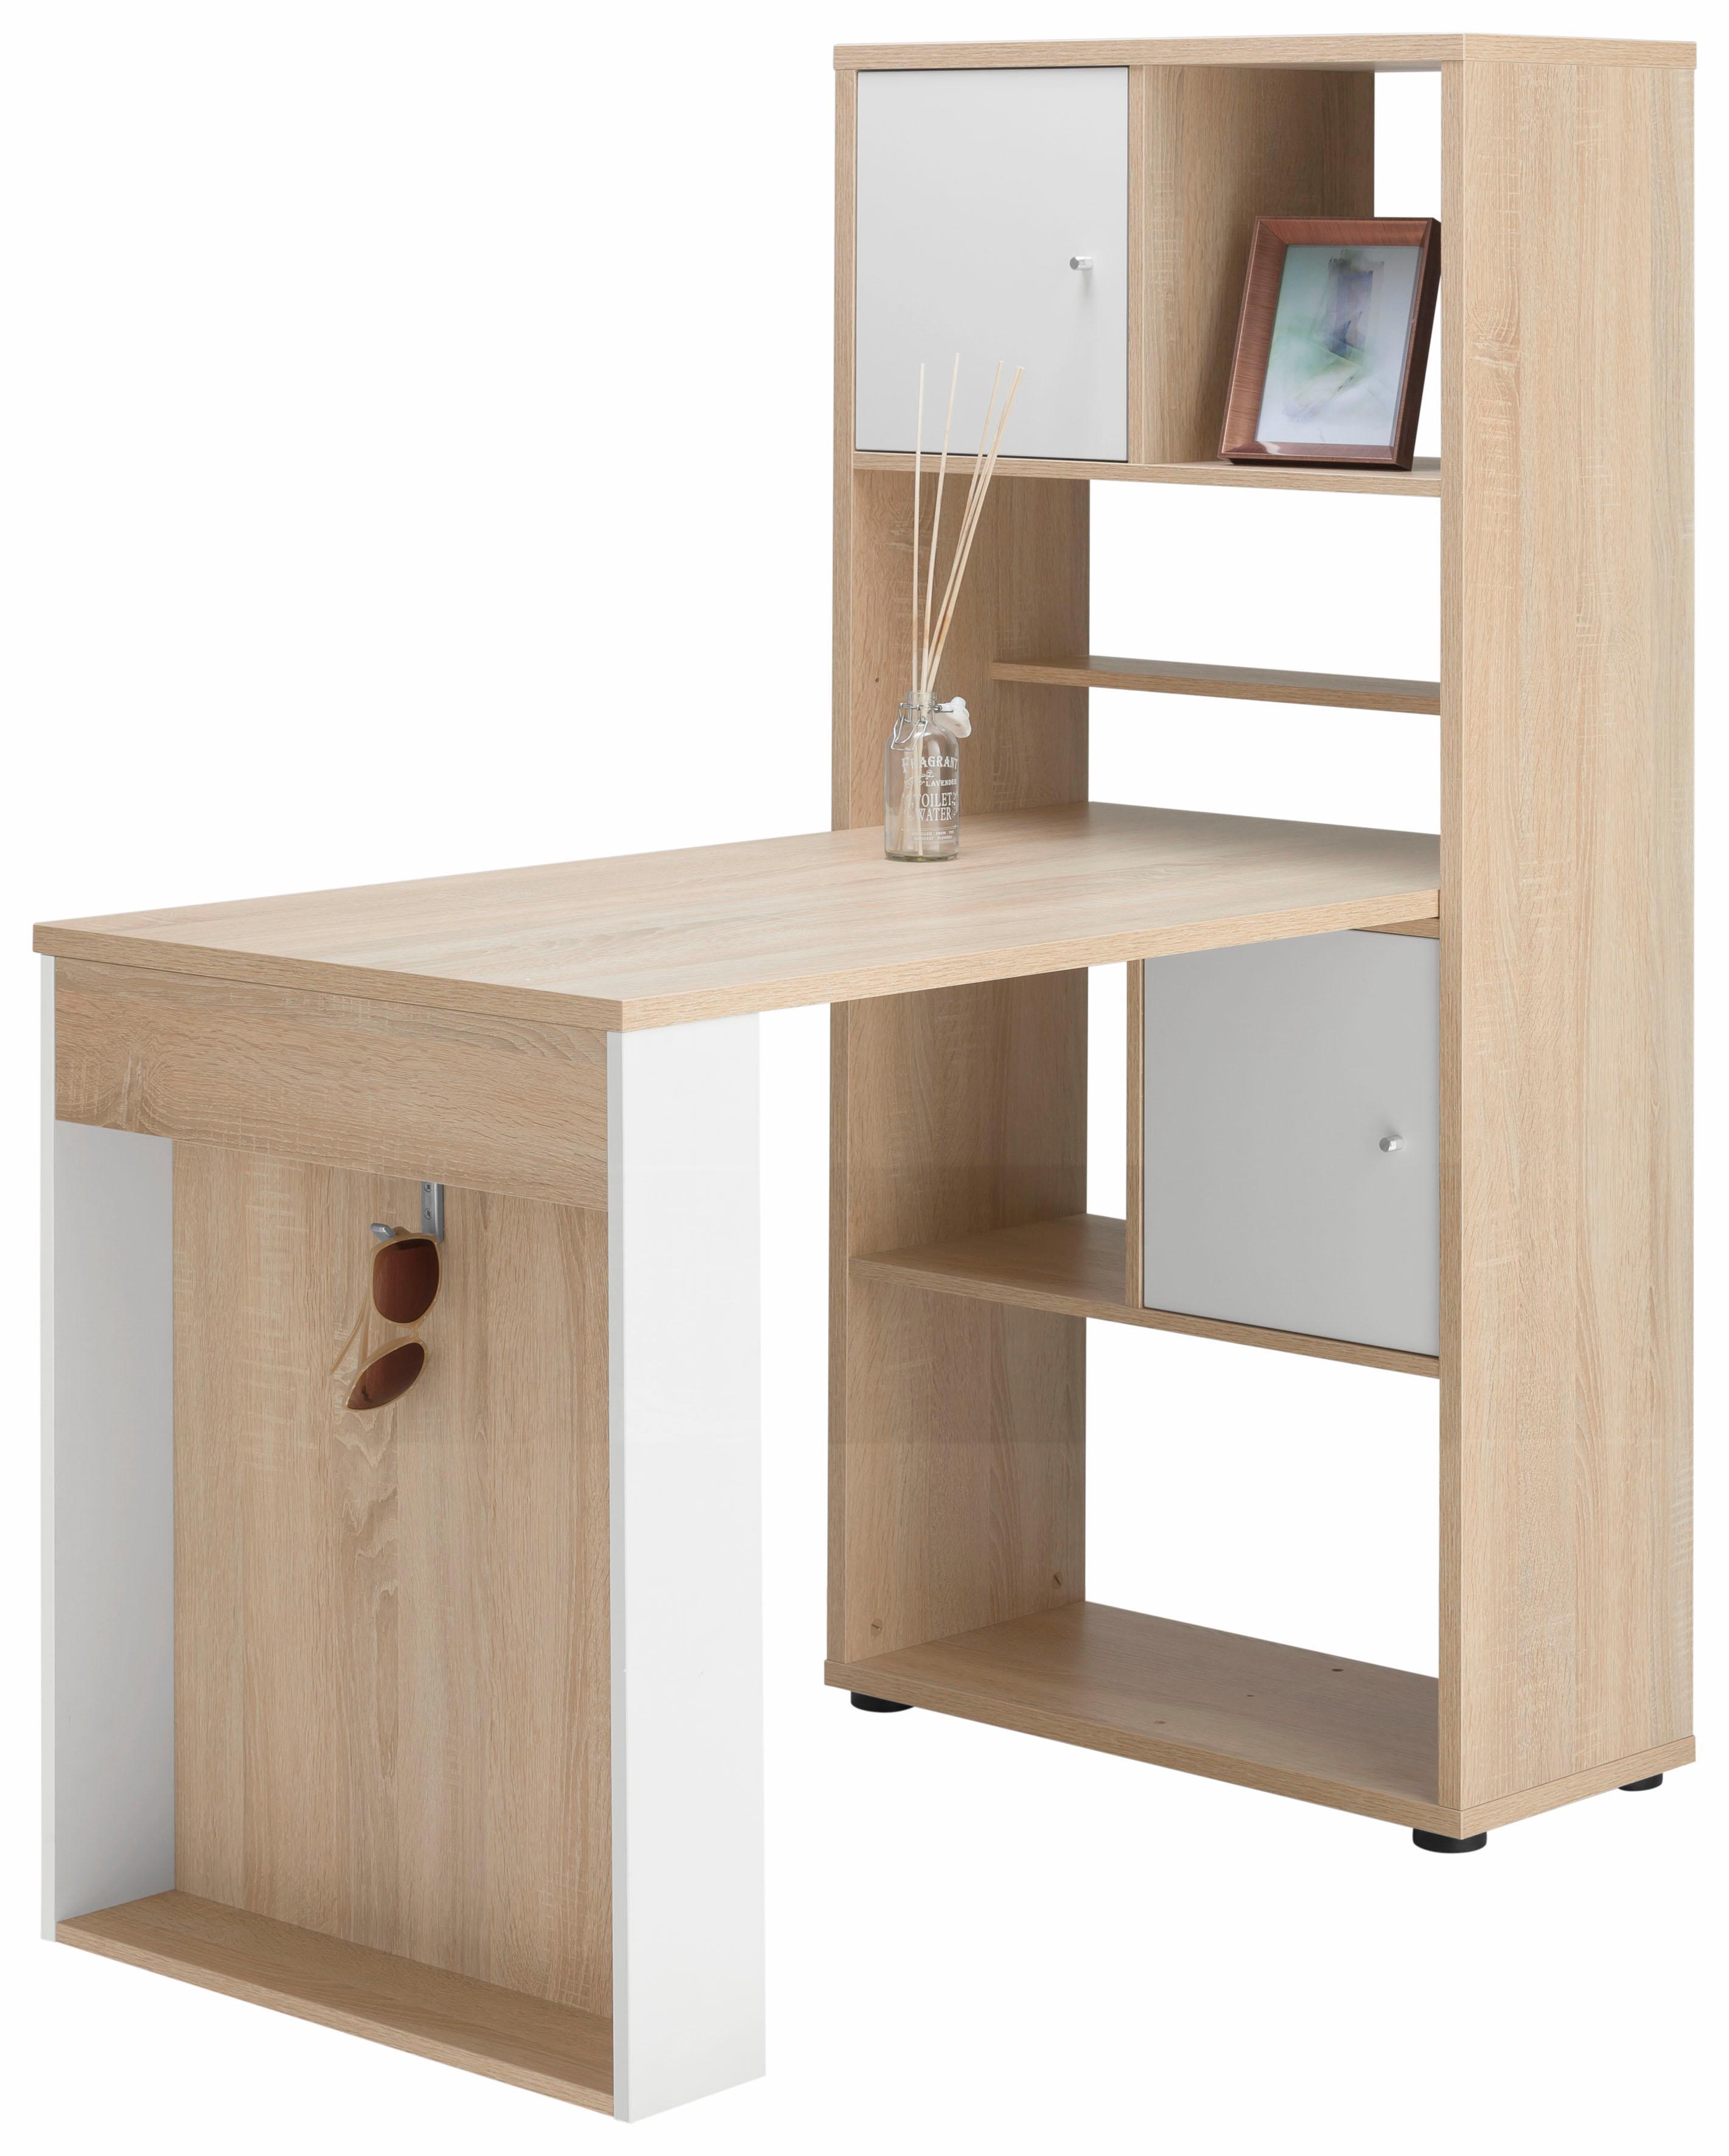 w rfel m bel wei preisvergleich die besten angebote online kaufen. Black Bedroom Furniture Sets. Home Design Ideas